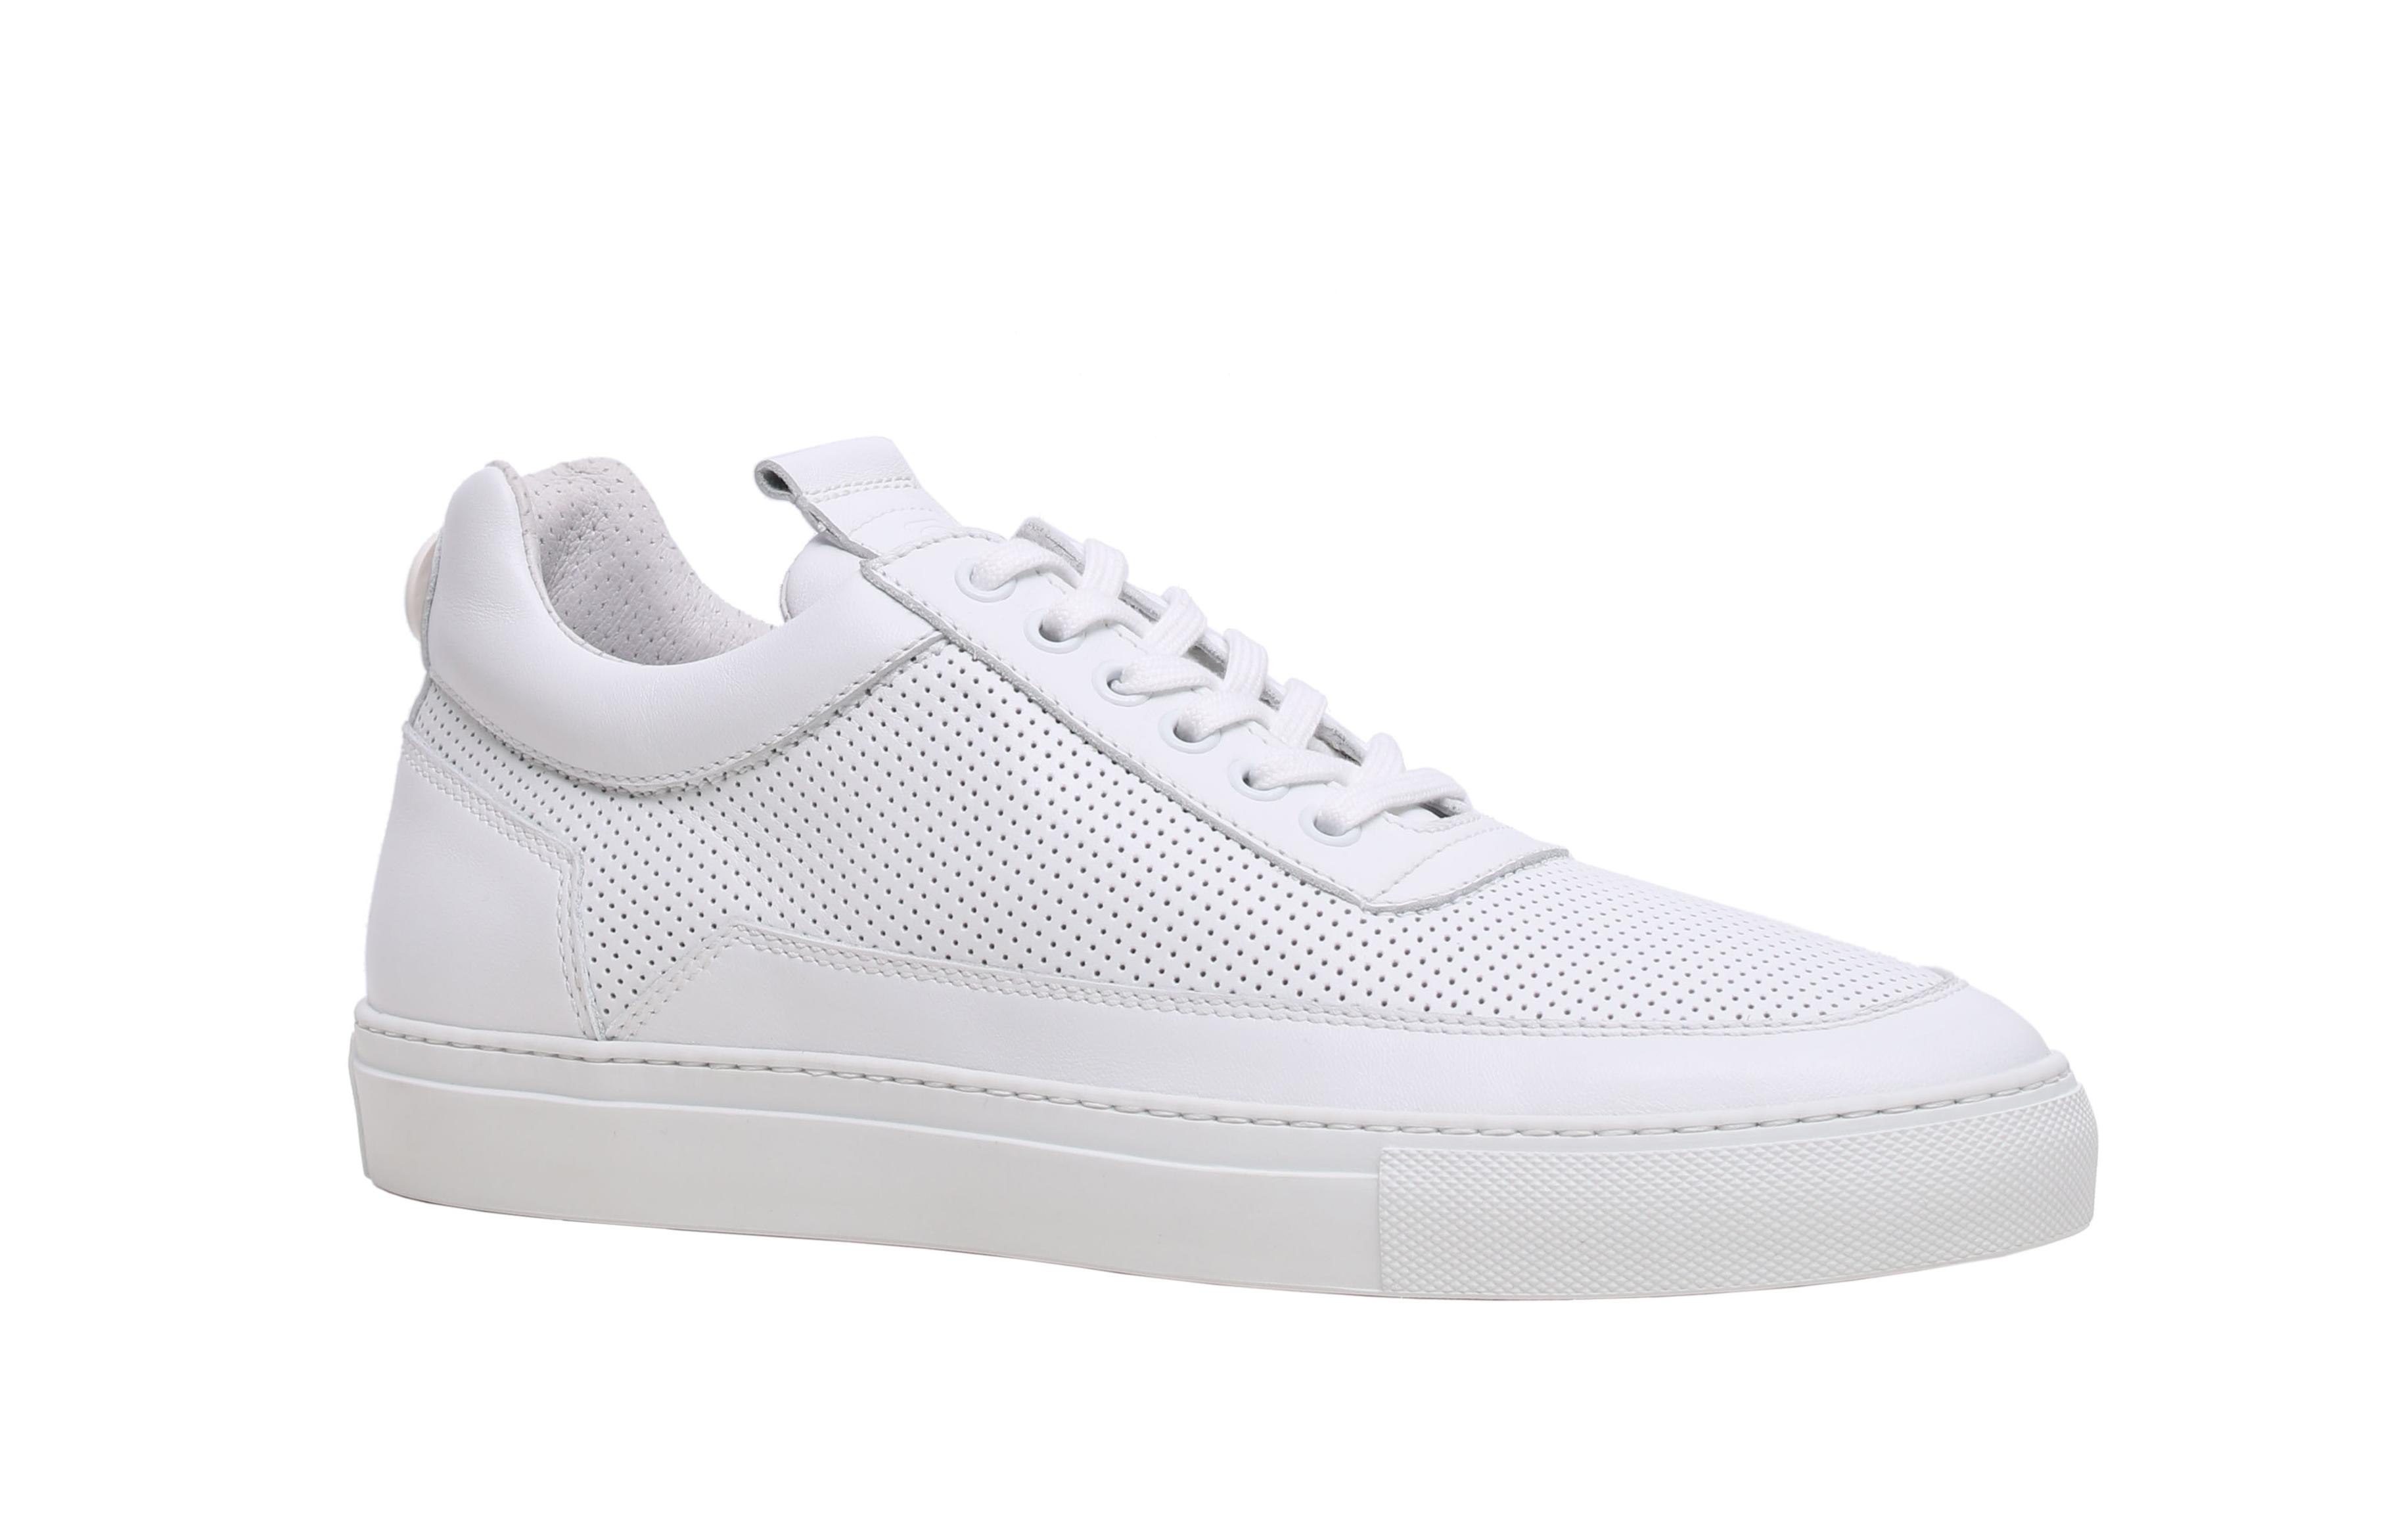 Le scarpe realizzate da Mariano Di Vaio